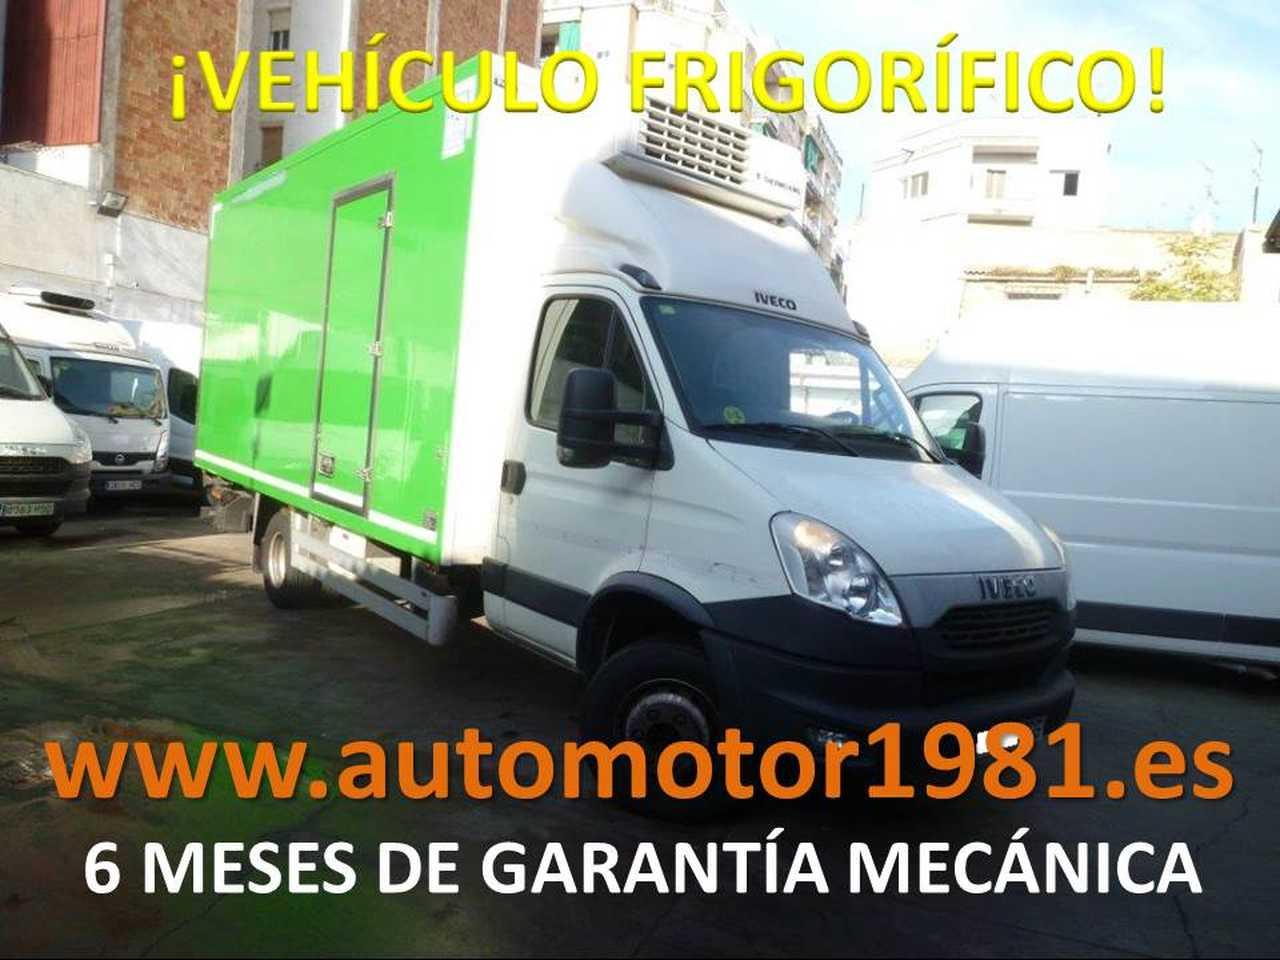 Iveco Daily 70C17 FRIGORIFICO - 6 MESES GARANTIA MECANICA  - Foto 1